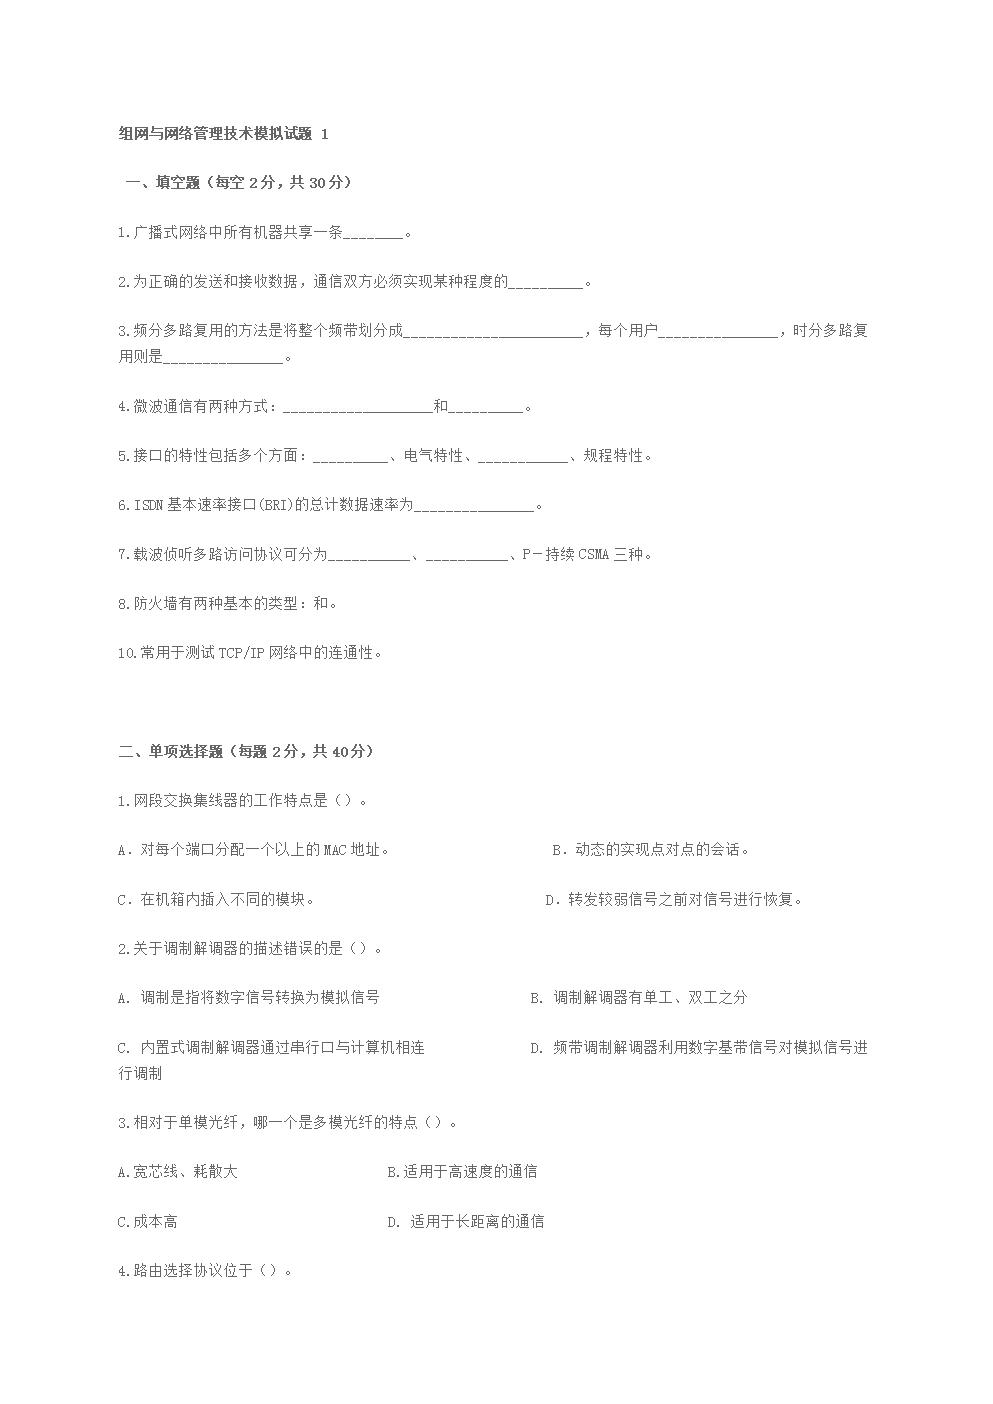 组网与网络管理技术模拟试题 1.doc